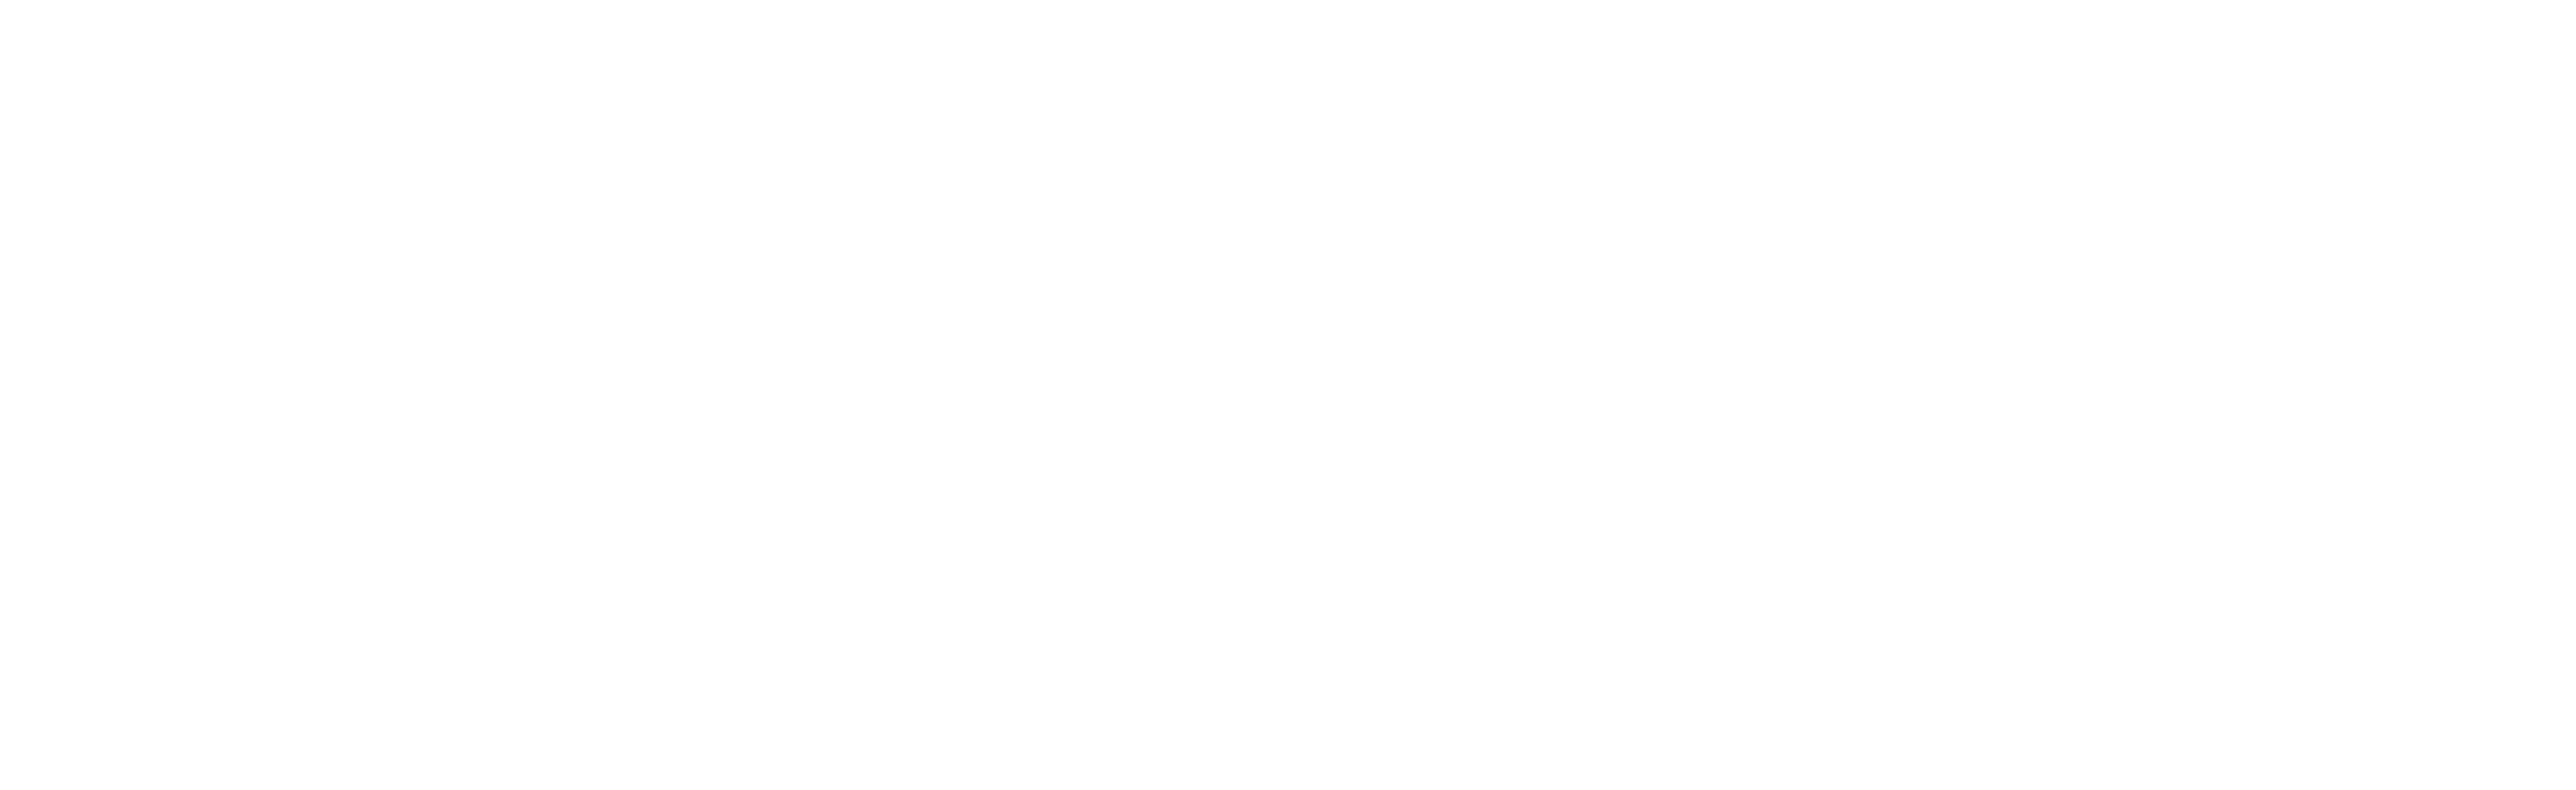 Tikky Town logo